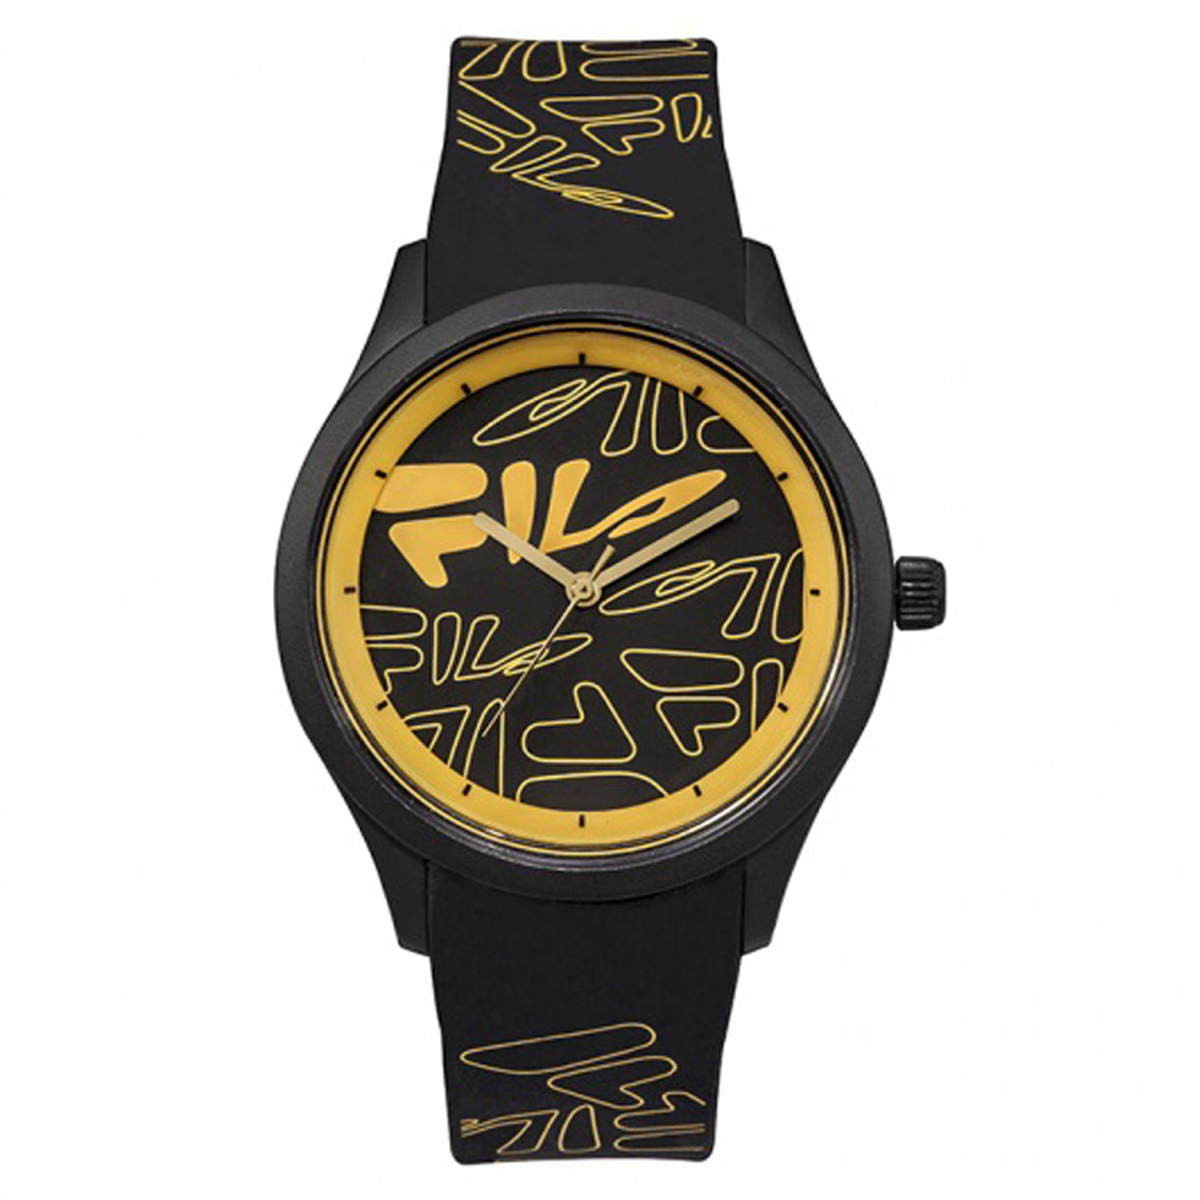 Montre silicone \'Fila\' noir jaune - 40 mm - [Q7976]